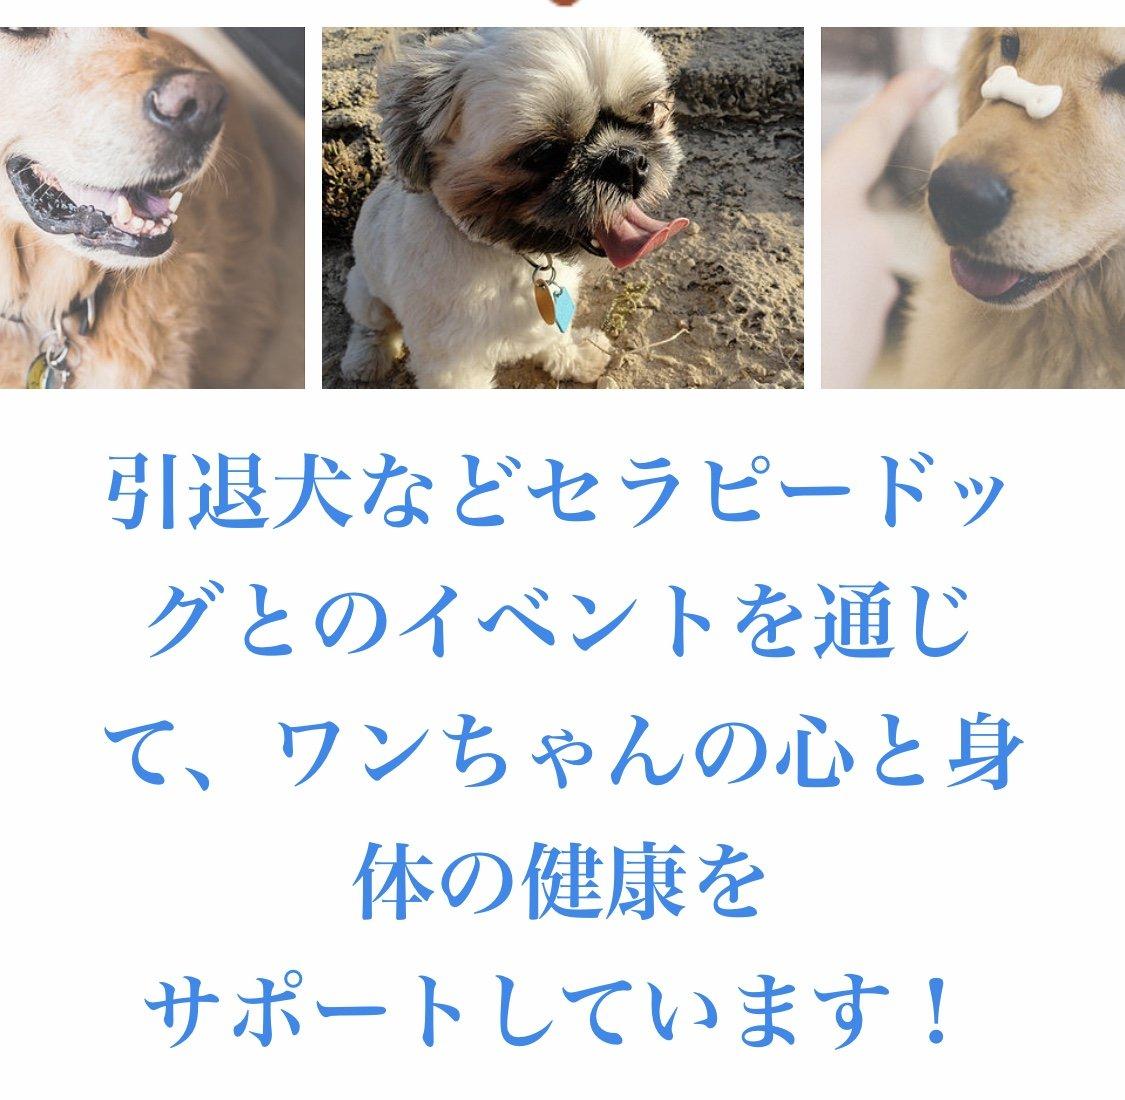 セラピードッグ、引退犬を支援のイメージその1